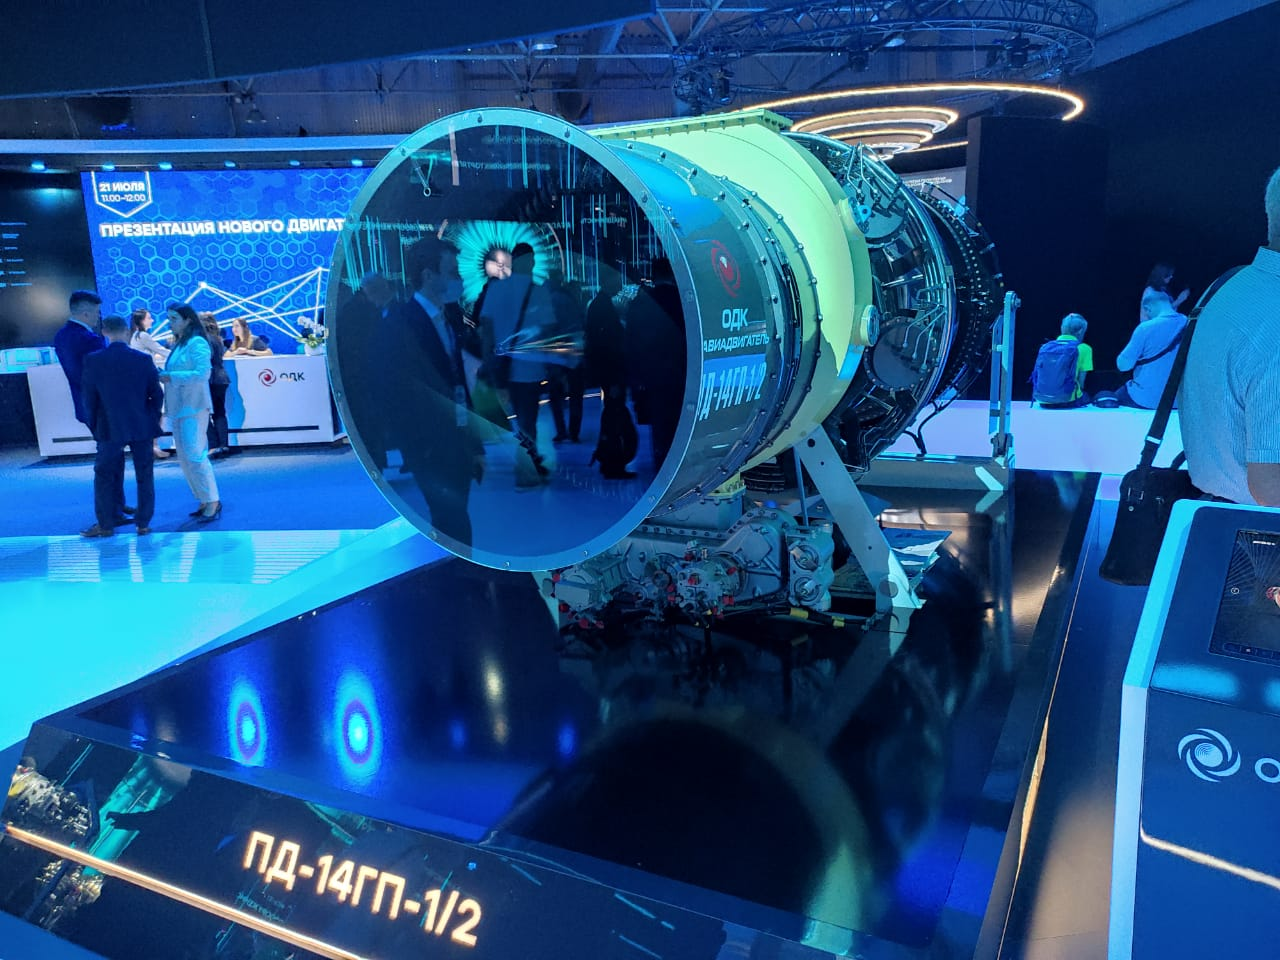 نمایش نمونه صنعتی موتور پیدی-14 [فیلم]